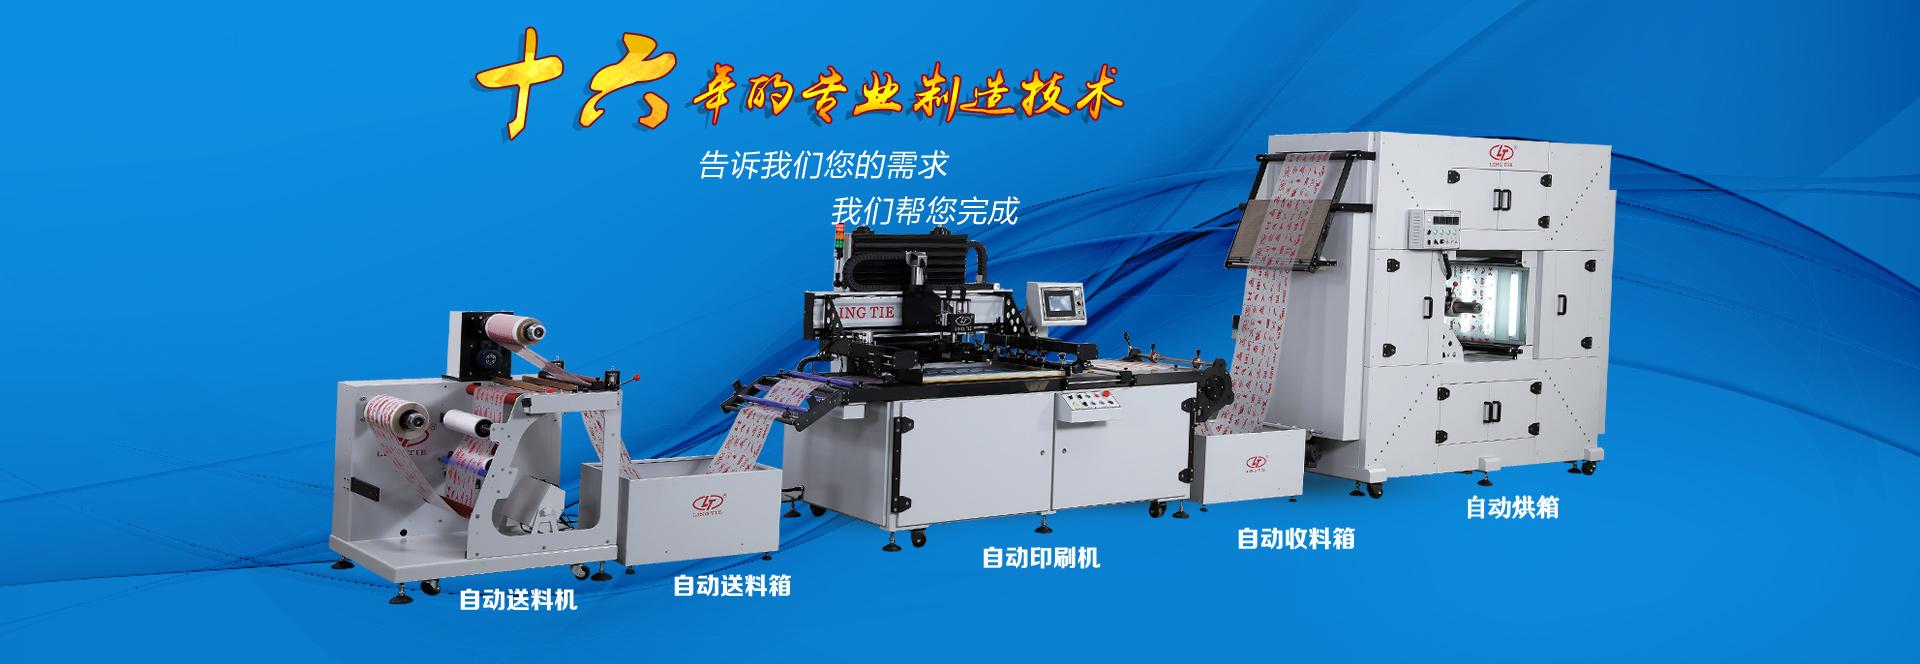 專業制造技術